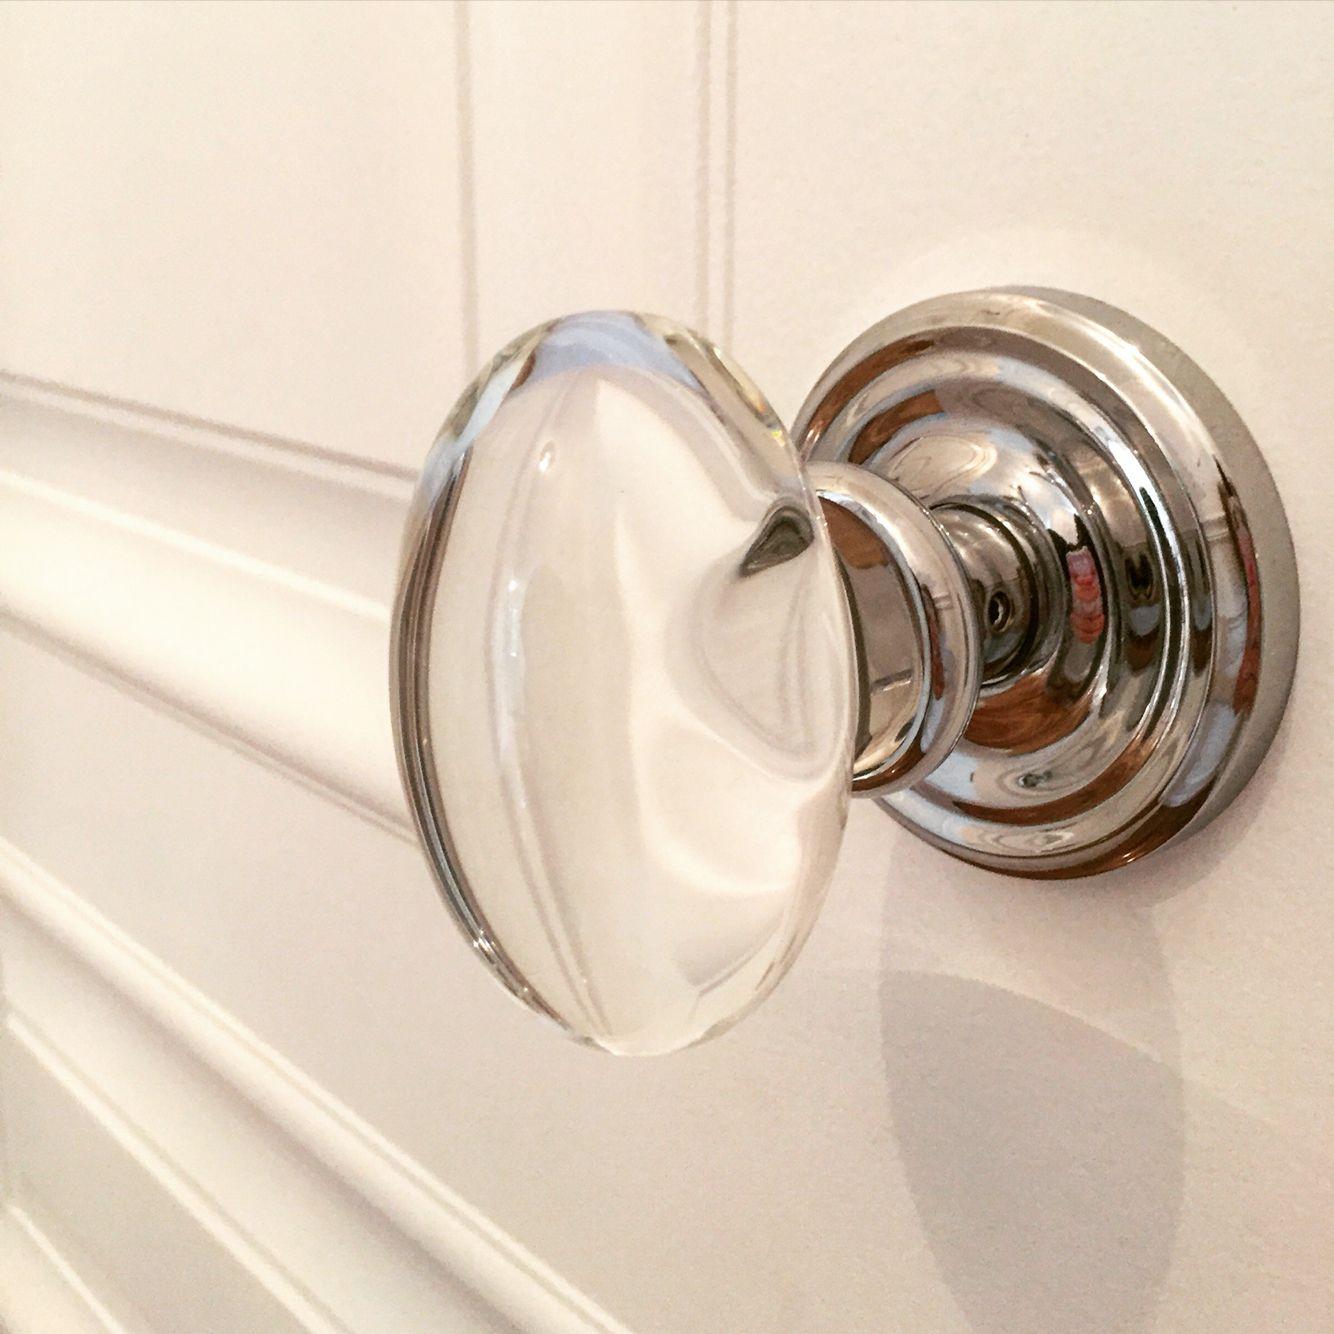 Glass Egg Shaped Door Handle Door Handles, Door Knobs, Egg Shape, Home  Hardware